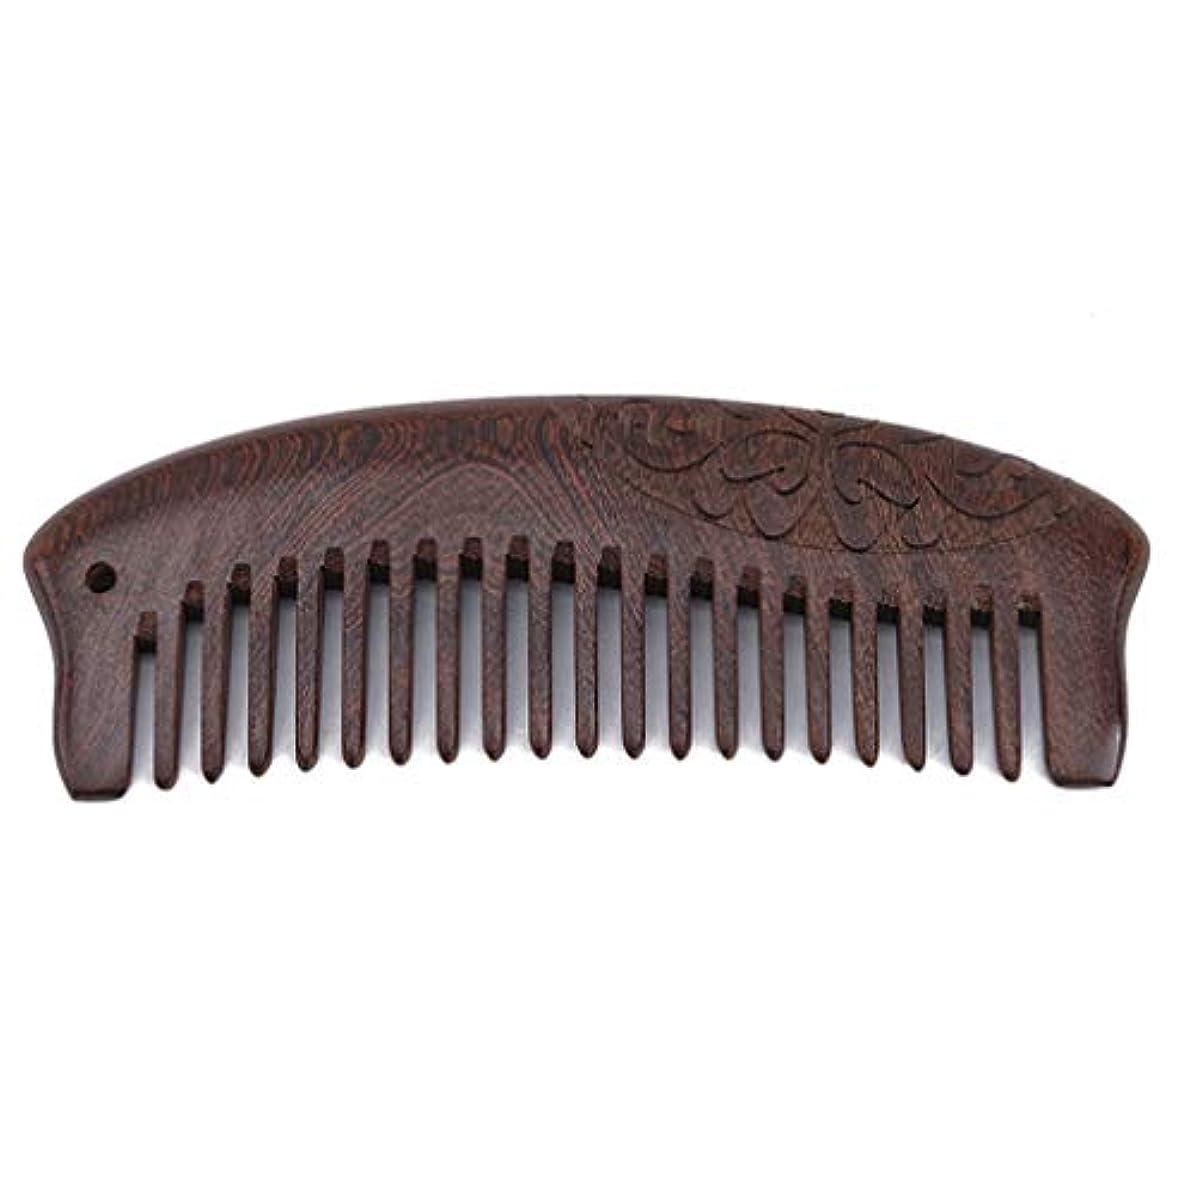 削除する前進十分なLJSLYJ ポケット木製櫛天然白檀の櫛両面彫刻広い歯帯電防止櫛ひげ理髪ツール